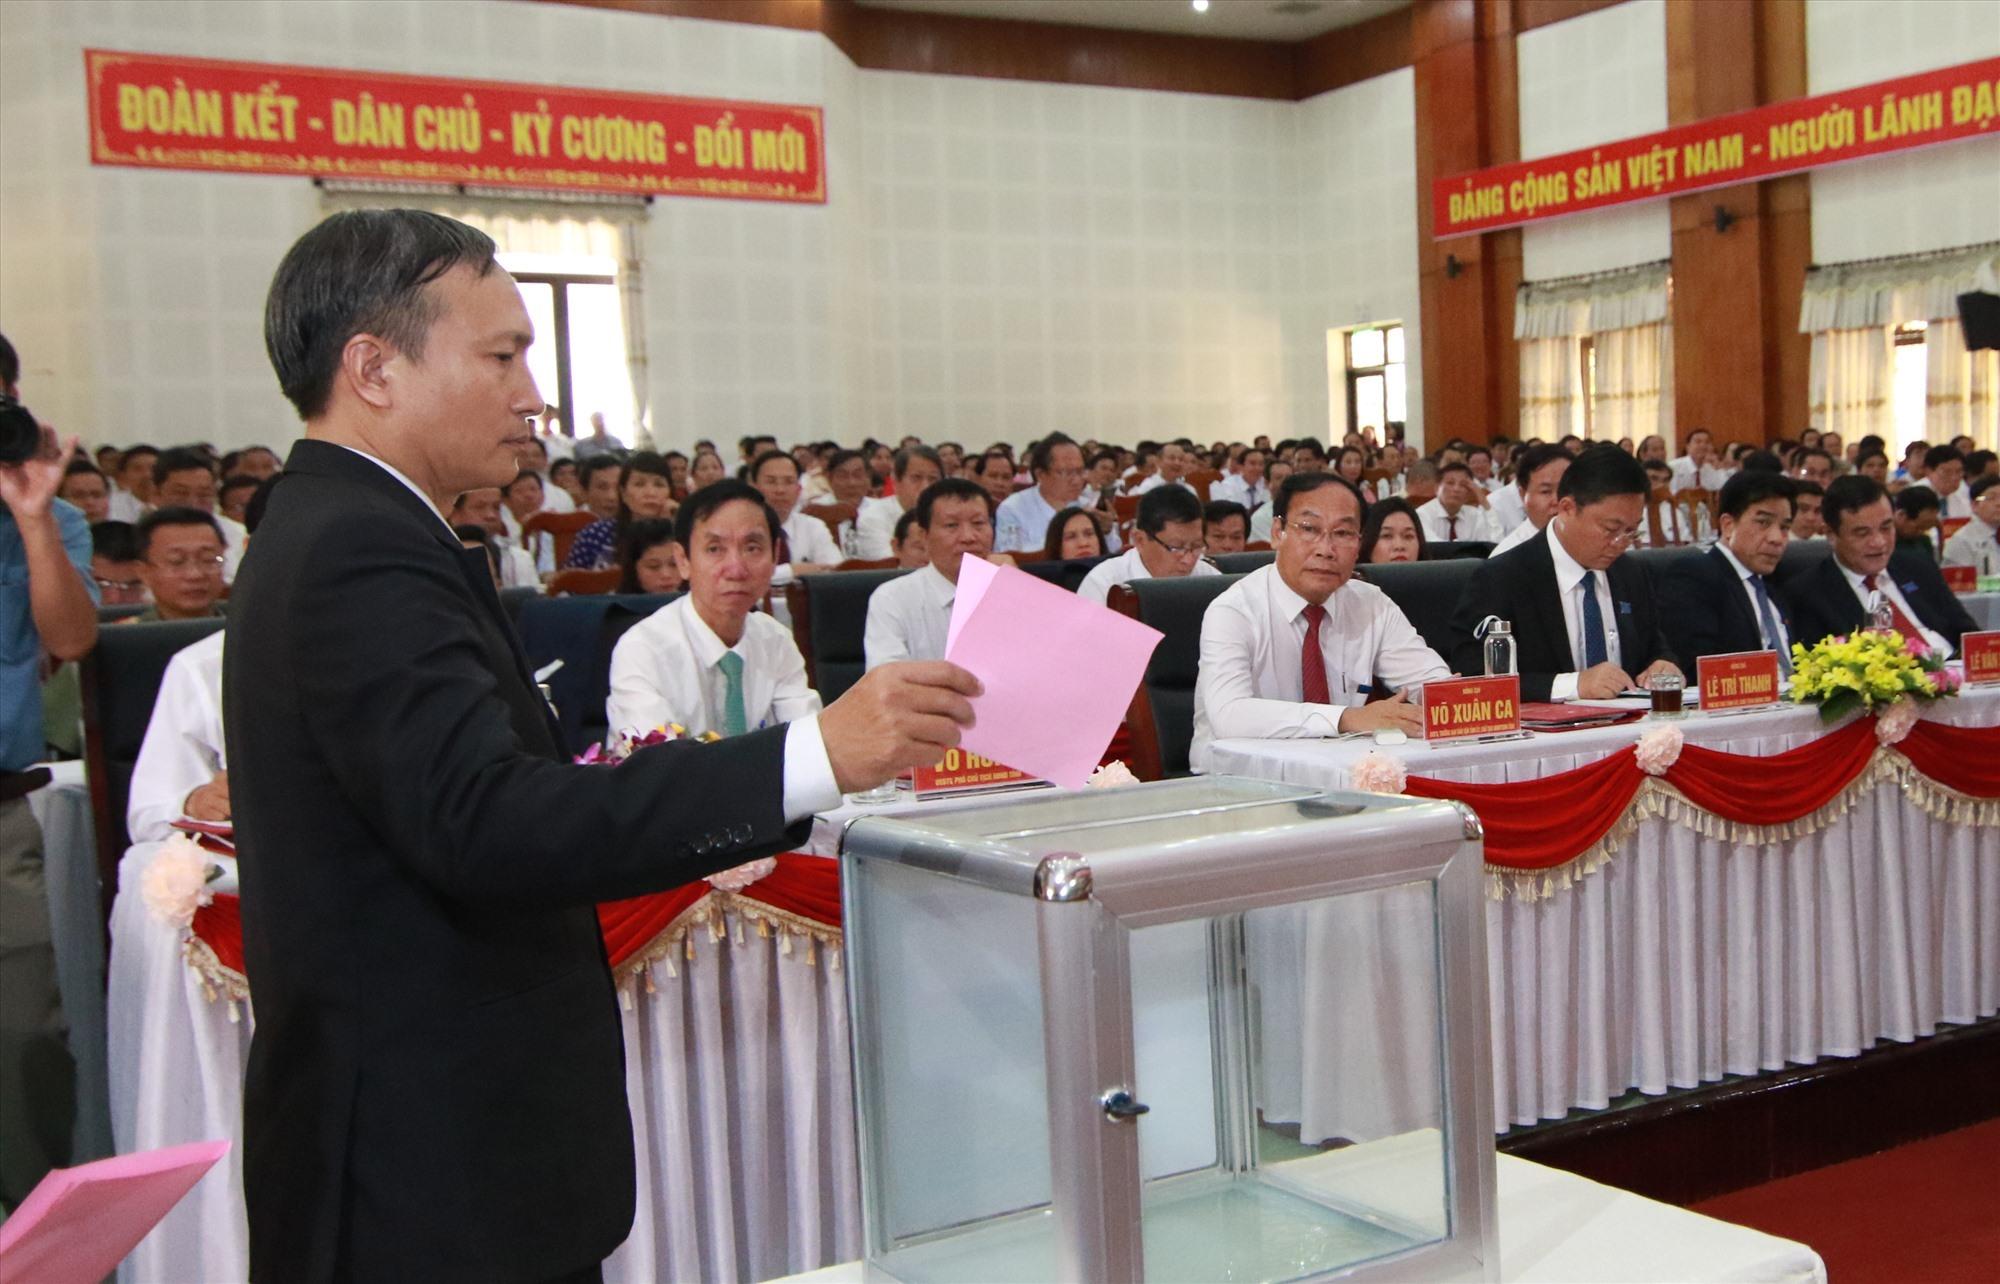 Trong phiên chính thức, các đại biểu đã bỏ phiếu bầu cử Ban chấp hành Đảng bộ huyện khóa mới. Ảnh: T.C